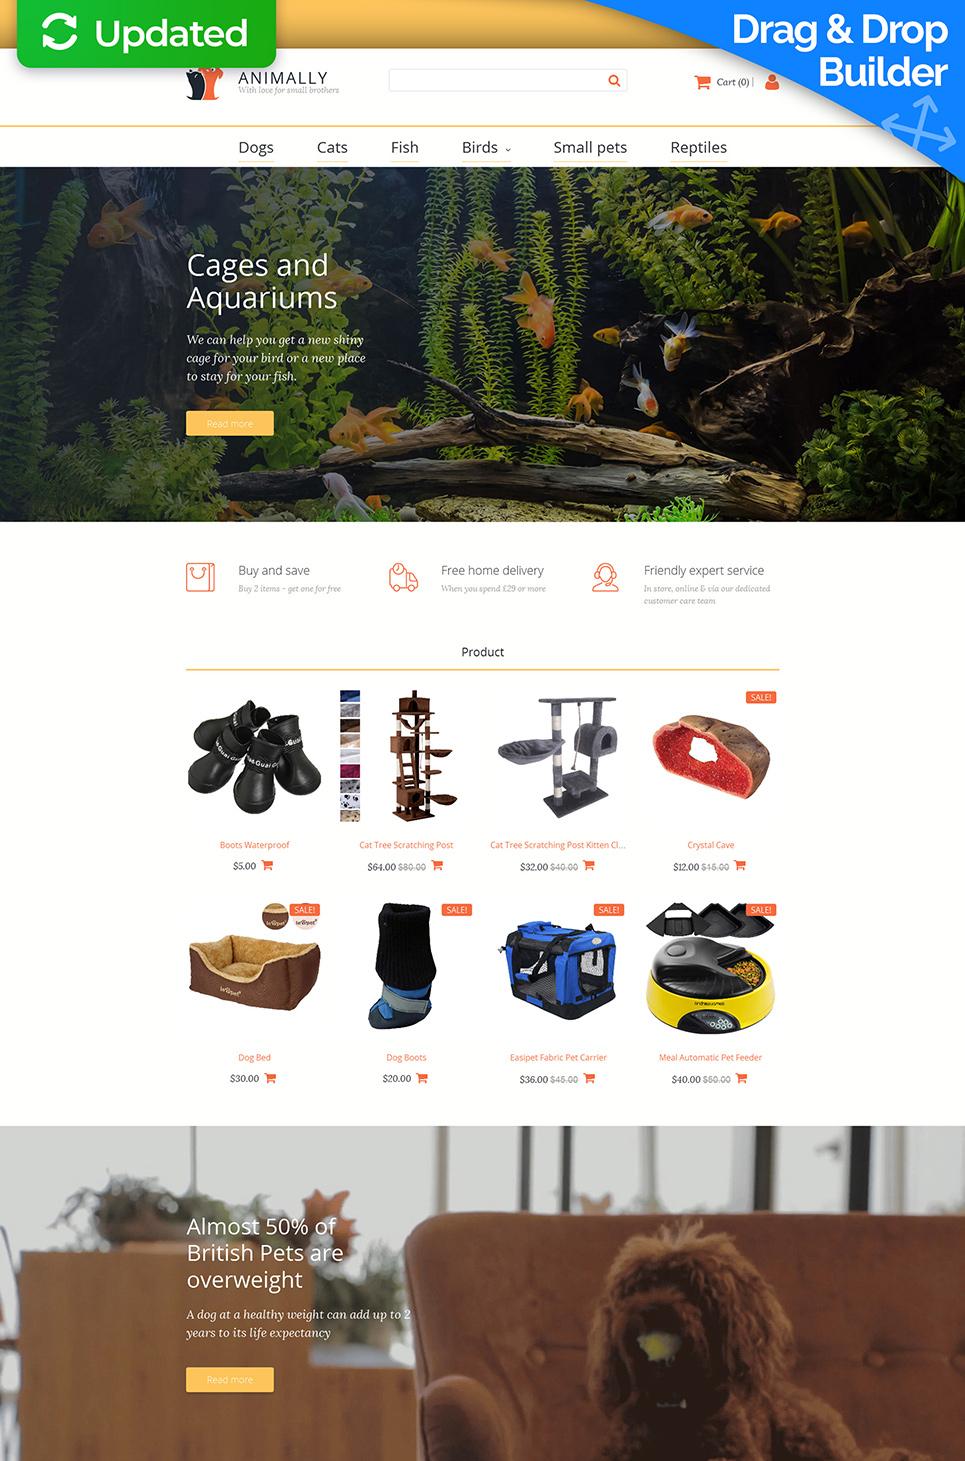 La plantilla eficaz de comercio electrónico #58998 de categoría Animales - image